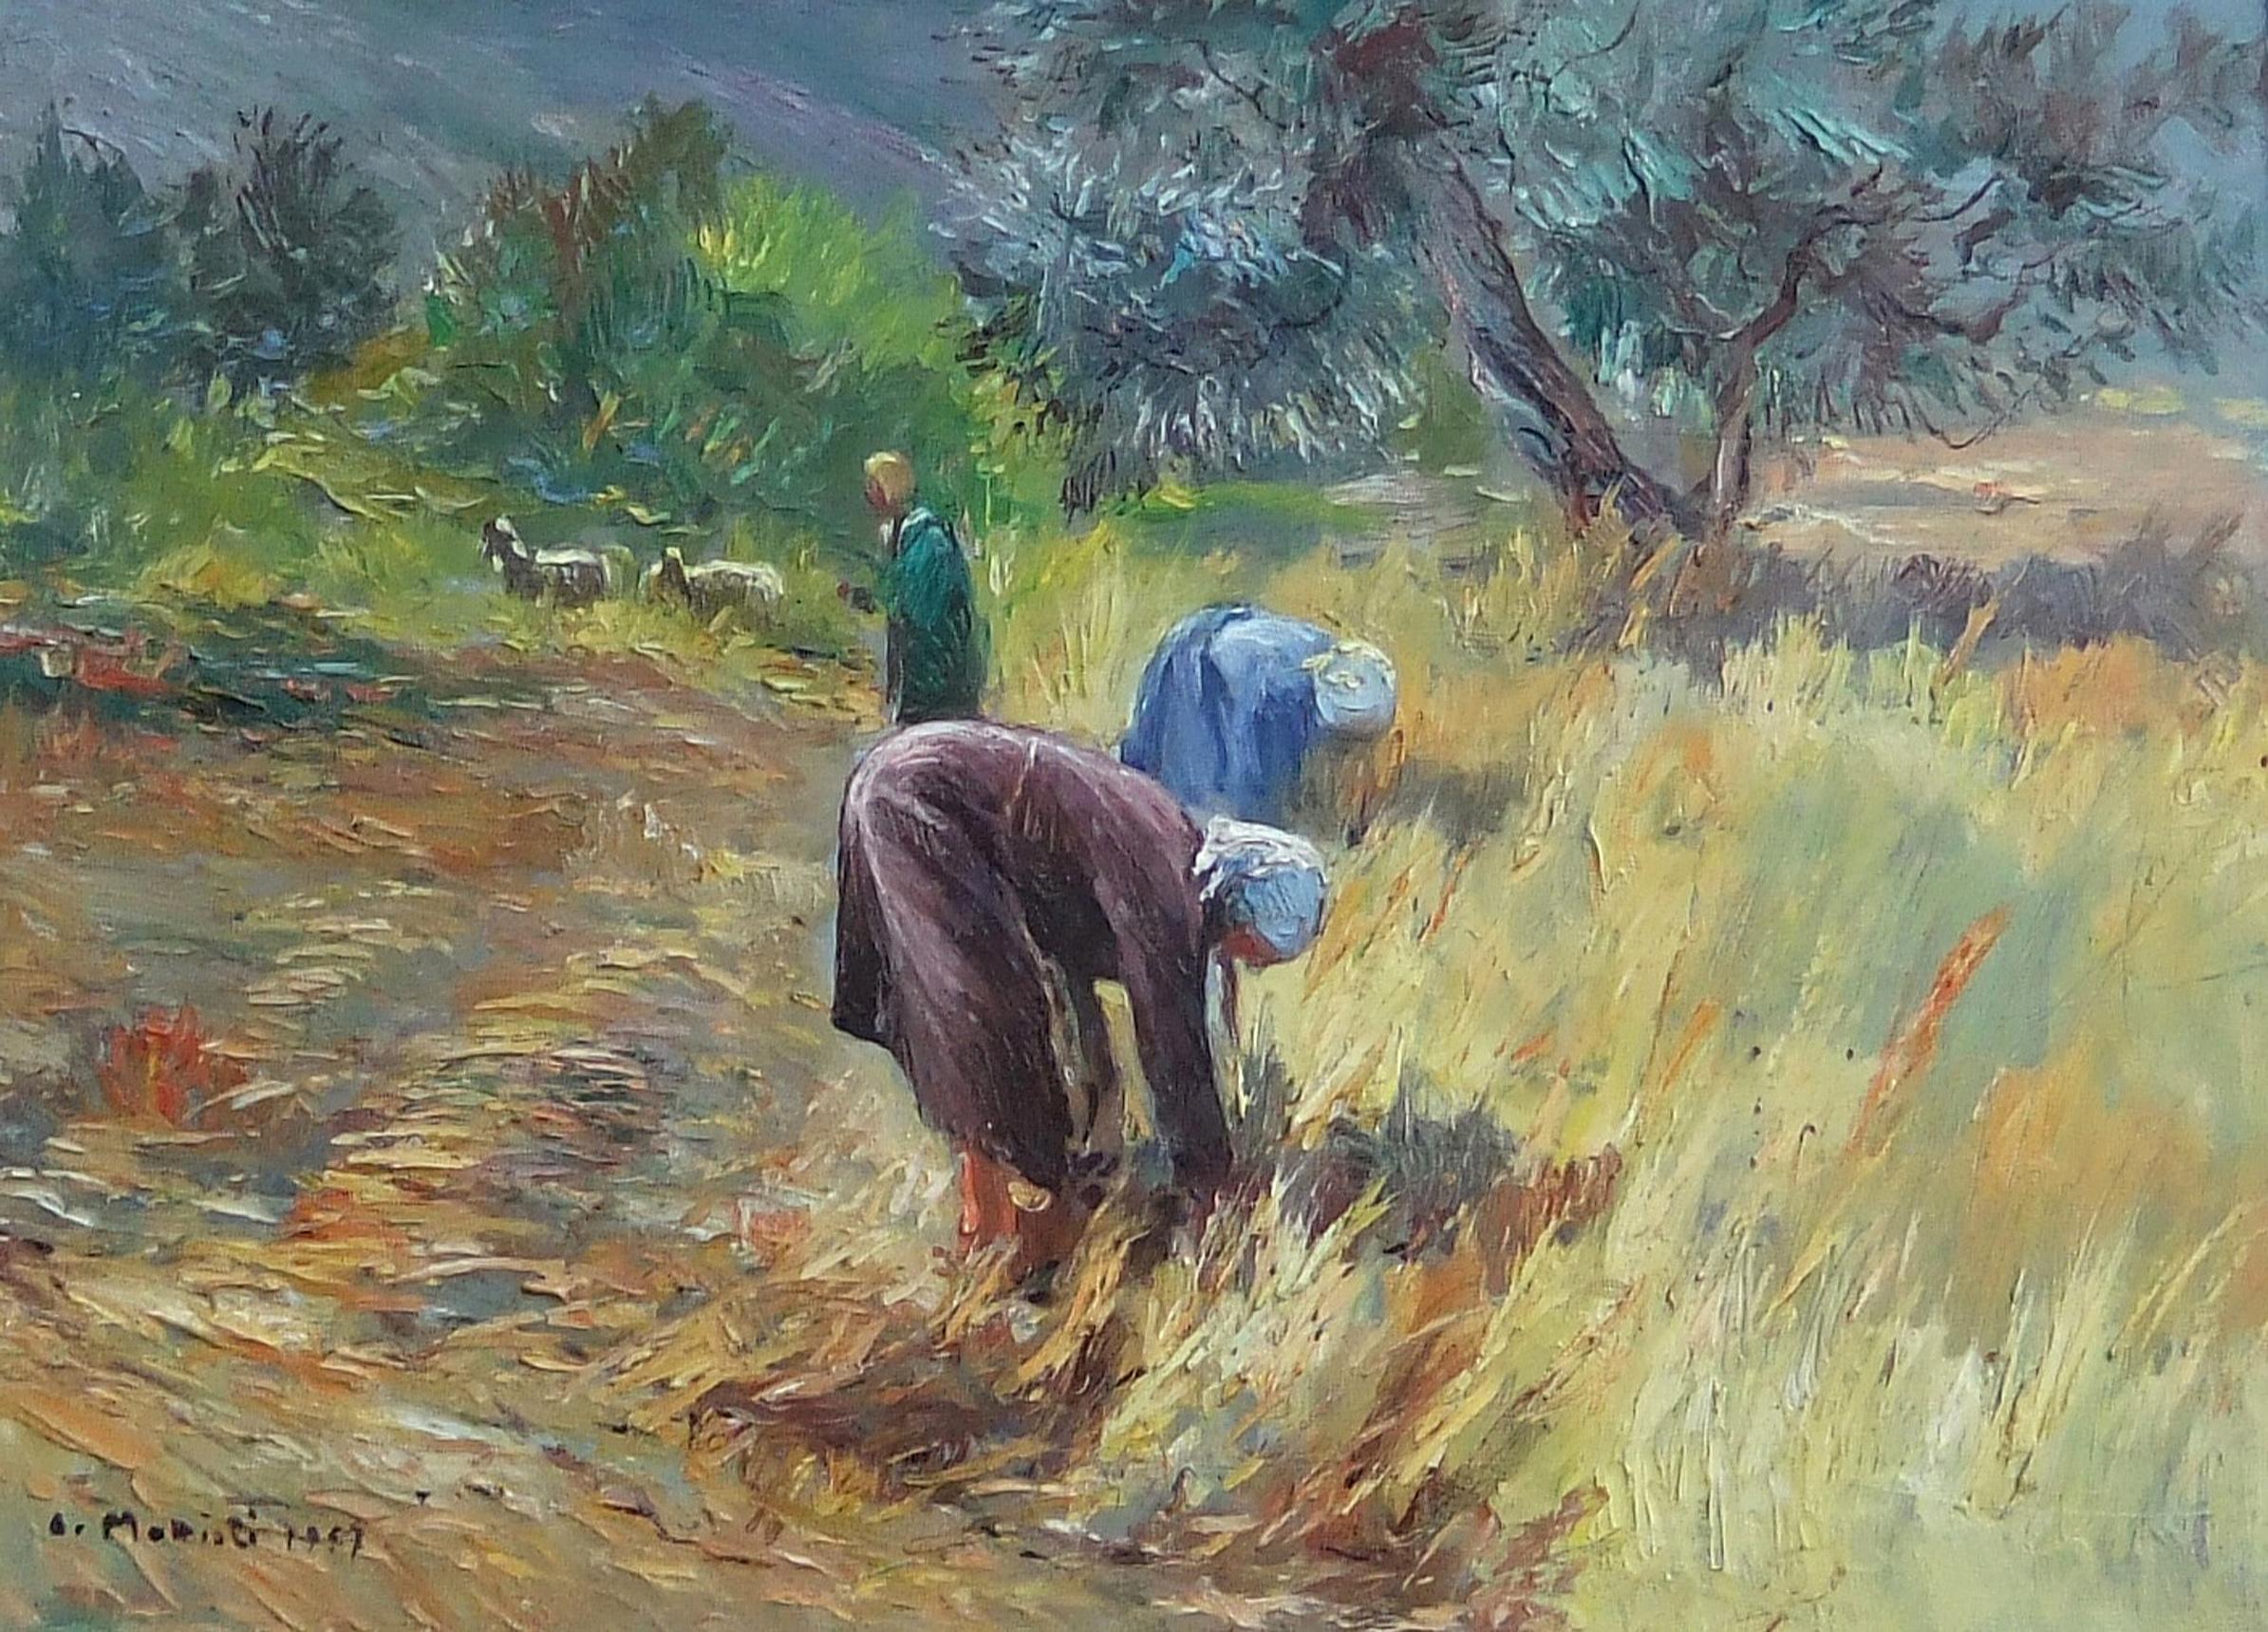 ΜΑΤΤΙΟΛΙ Αρμενο (1920 - 2012)